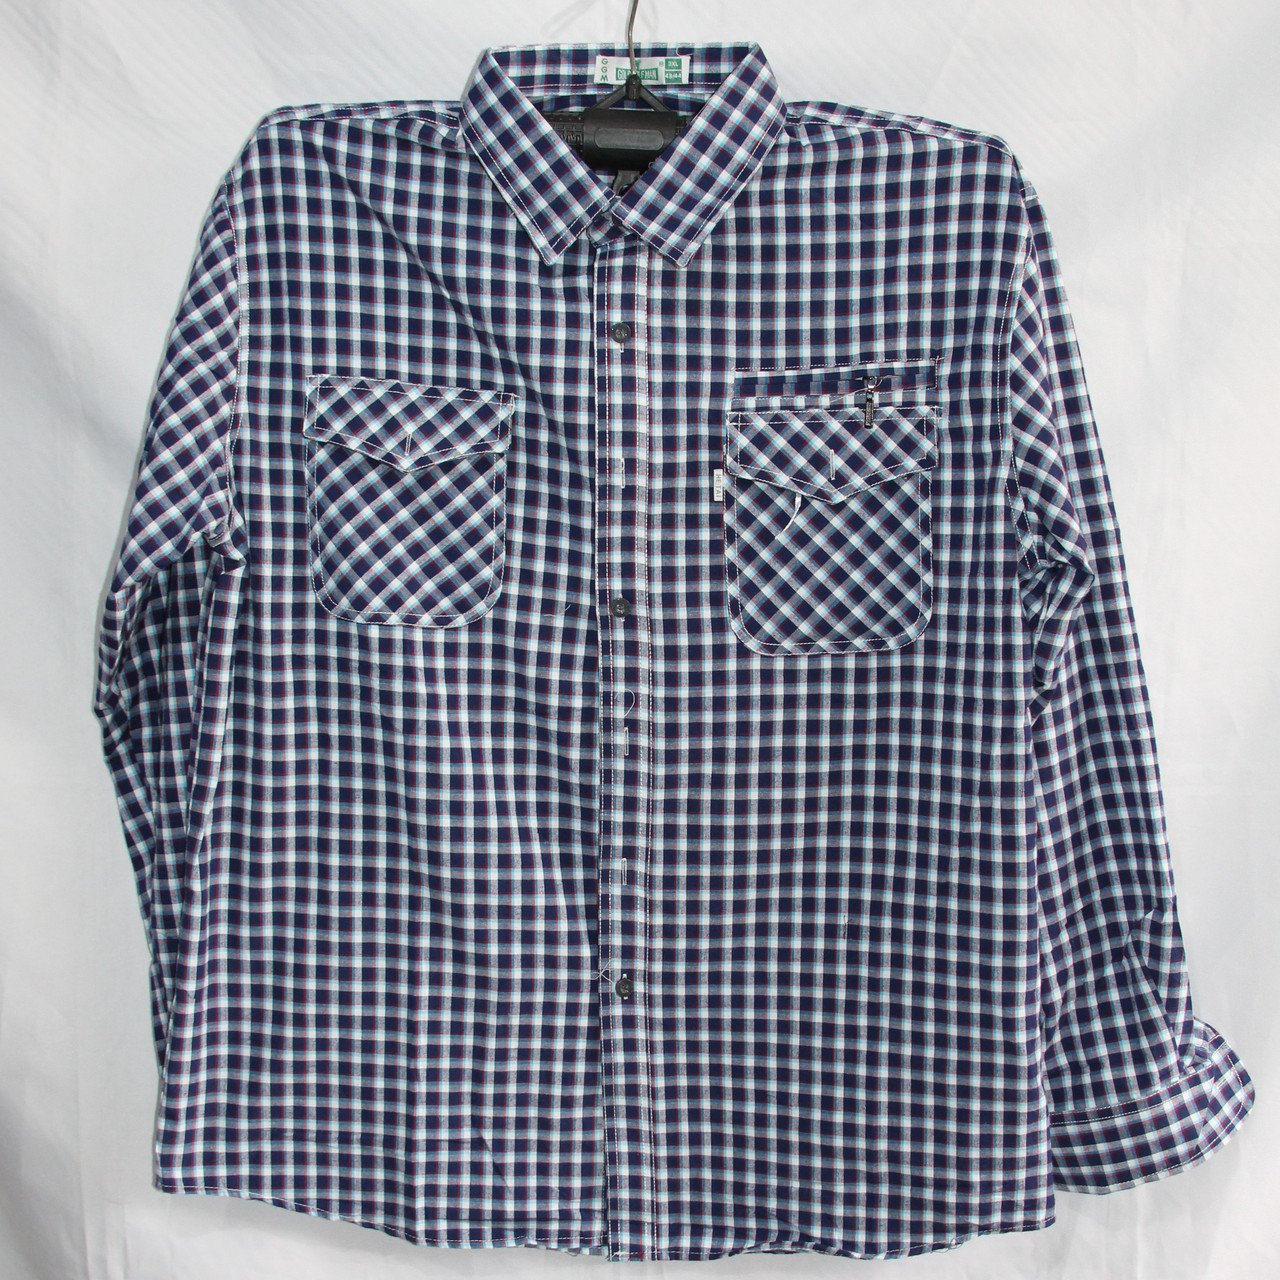 Мужская котоновая рубашка (длинный рукав) оптом со склада в Одессе